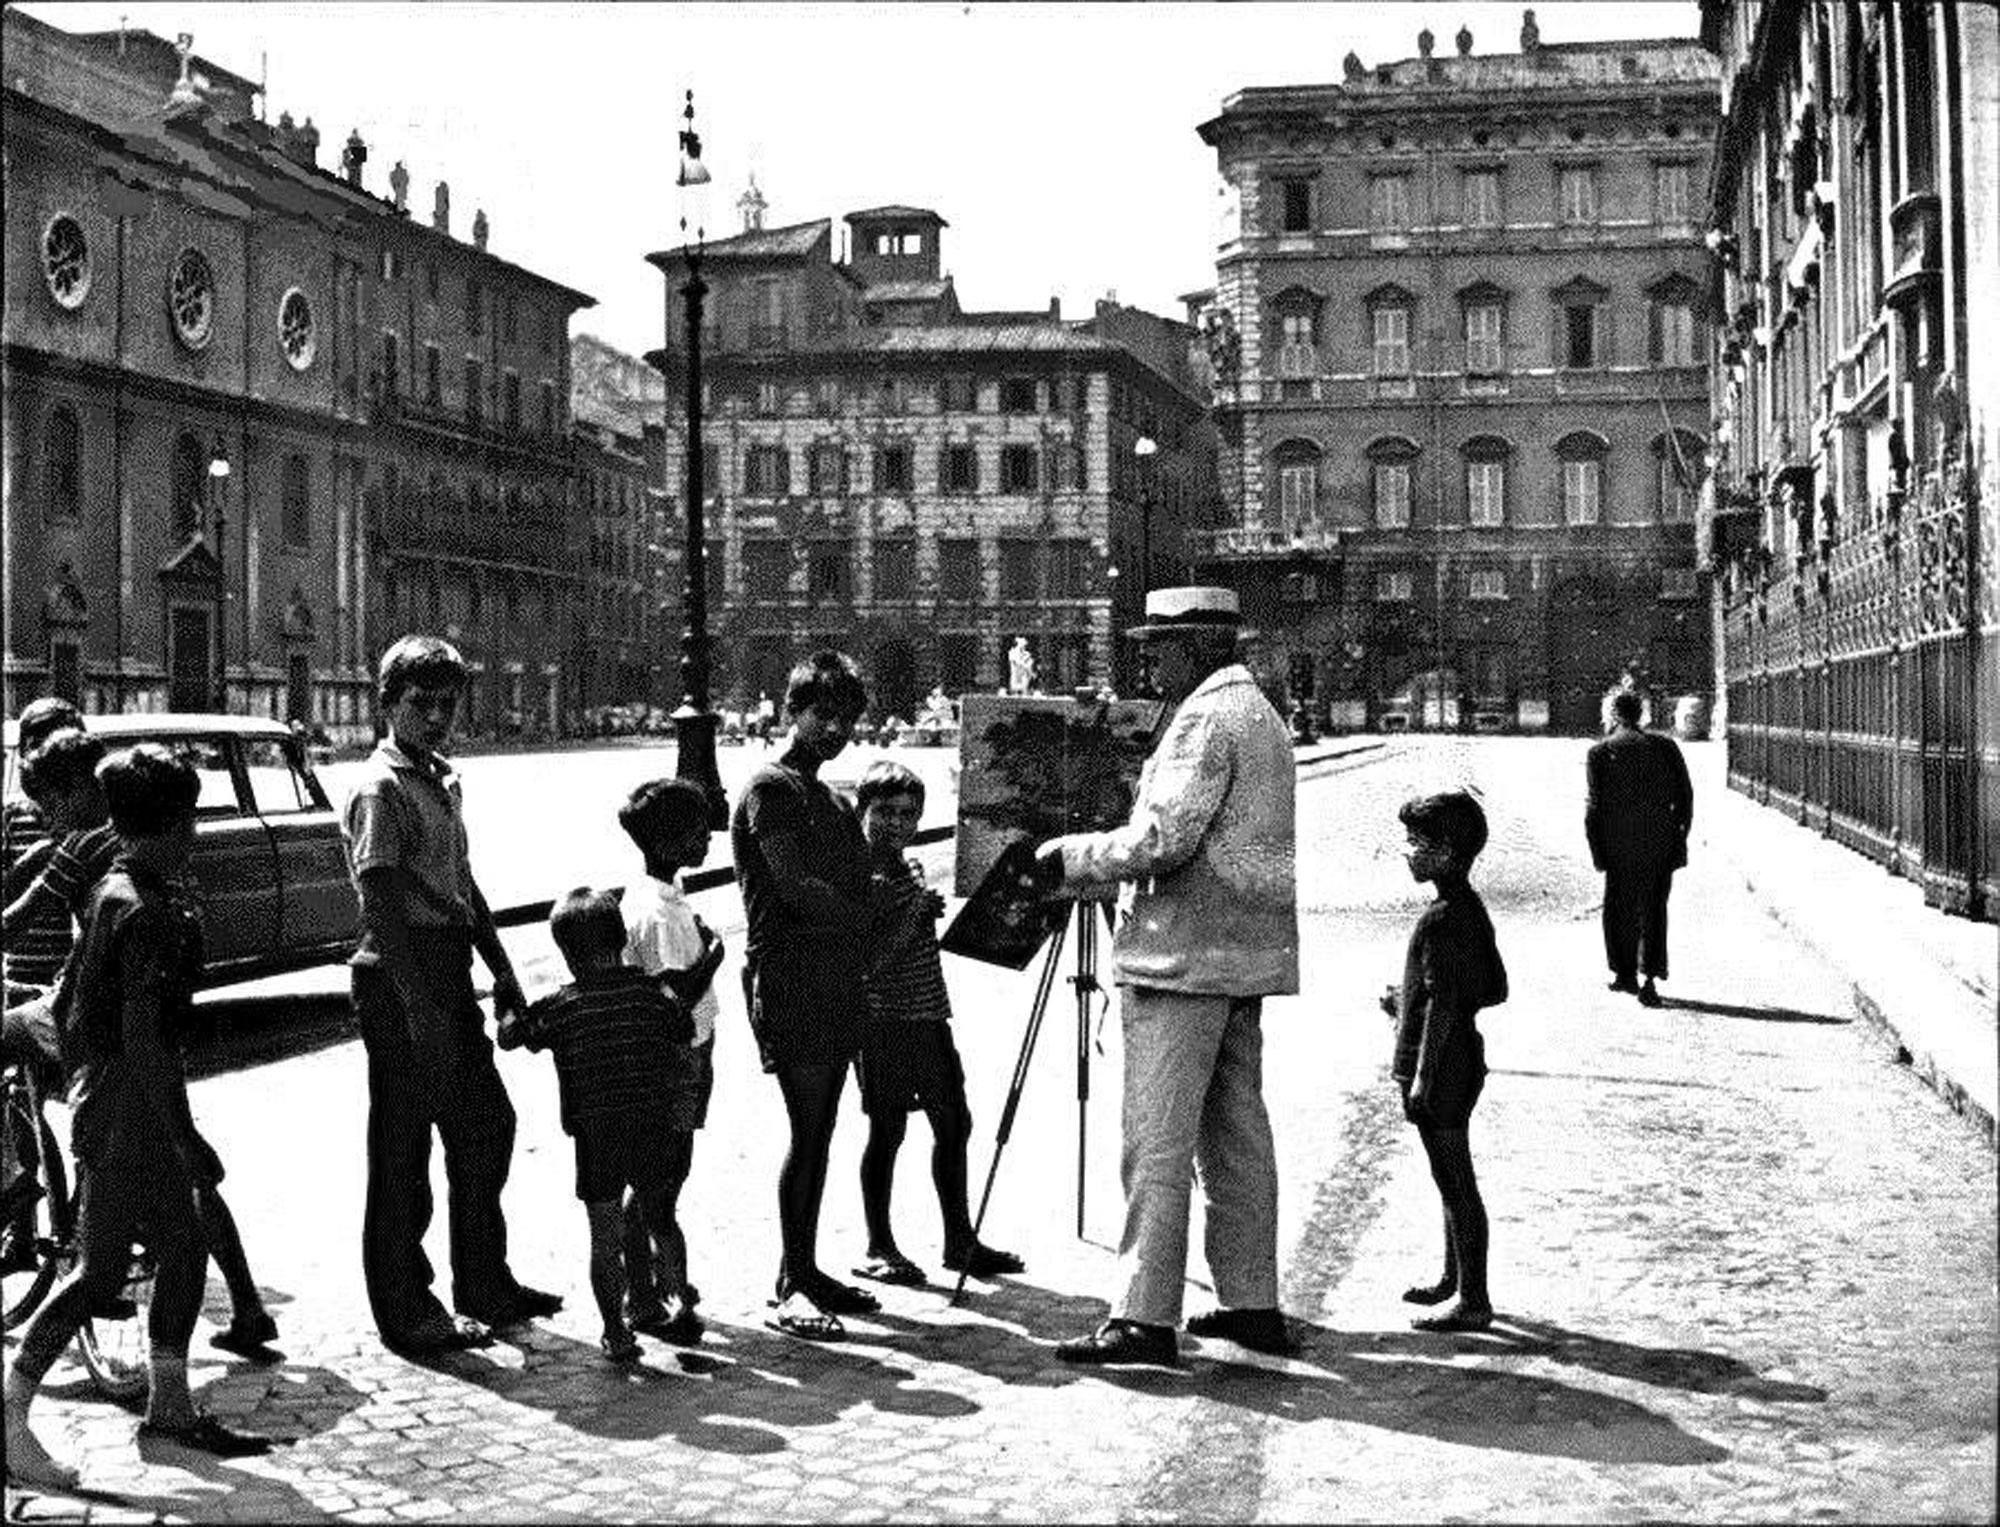 Piazza navona...quando era ancora una piazza di borgata popolata dai vari ragazzini che vi abitavano...